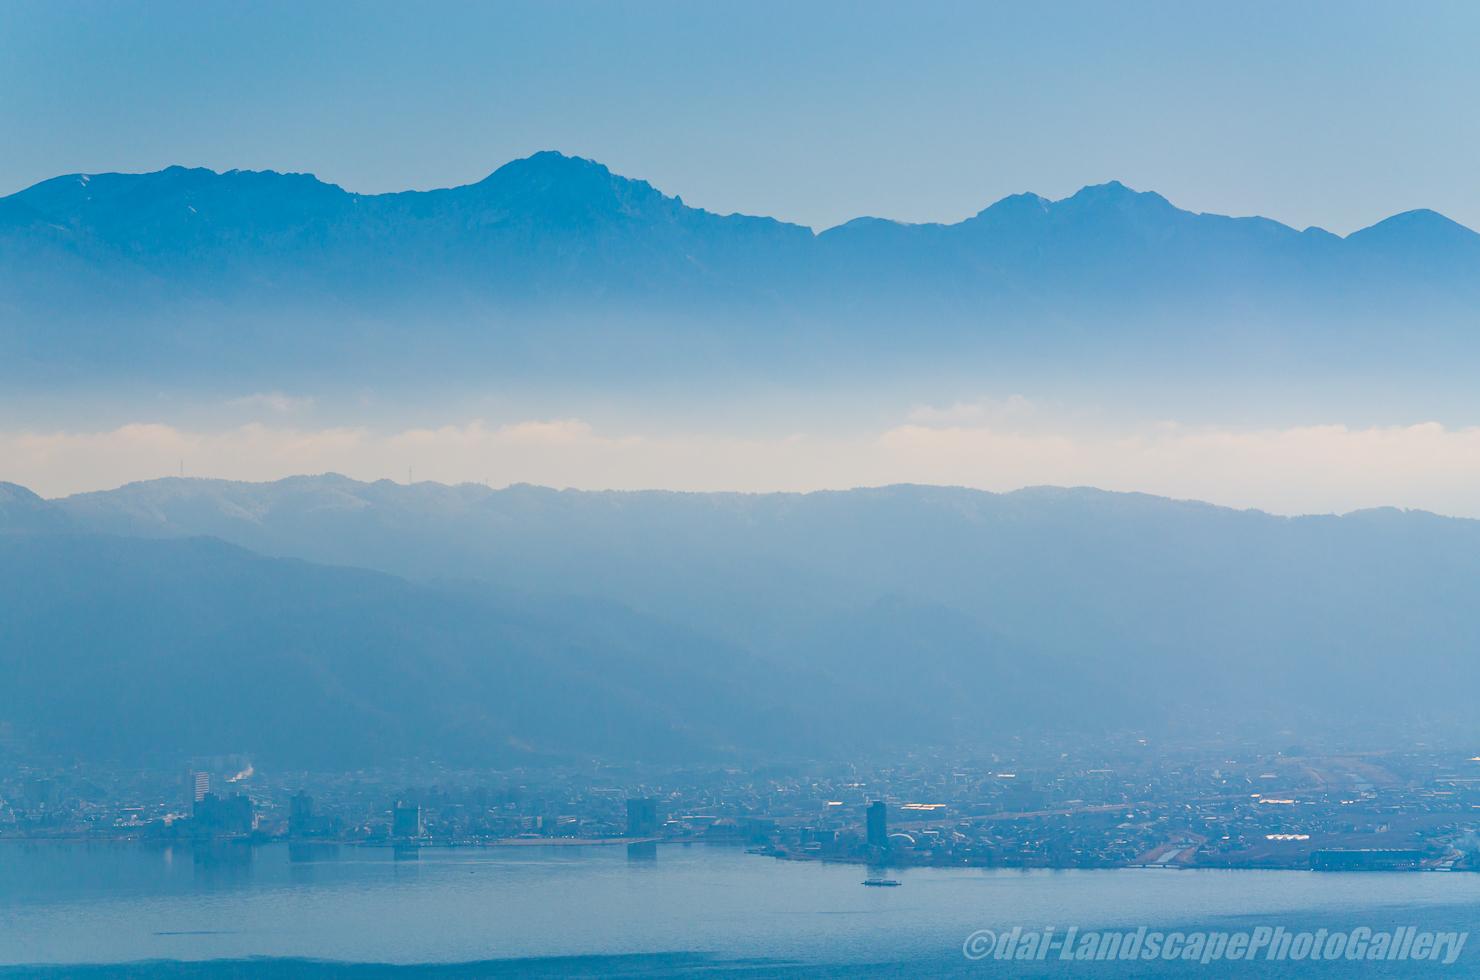 朝の八ヶ岳連峰と諏訪湖遠望